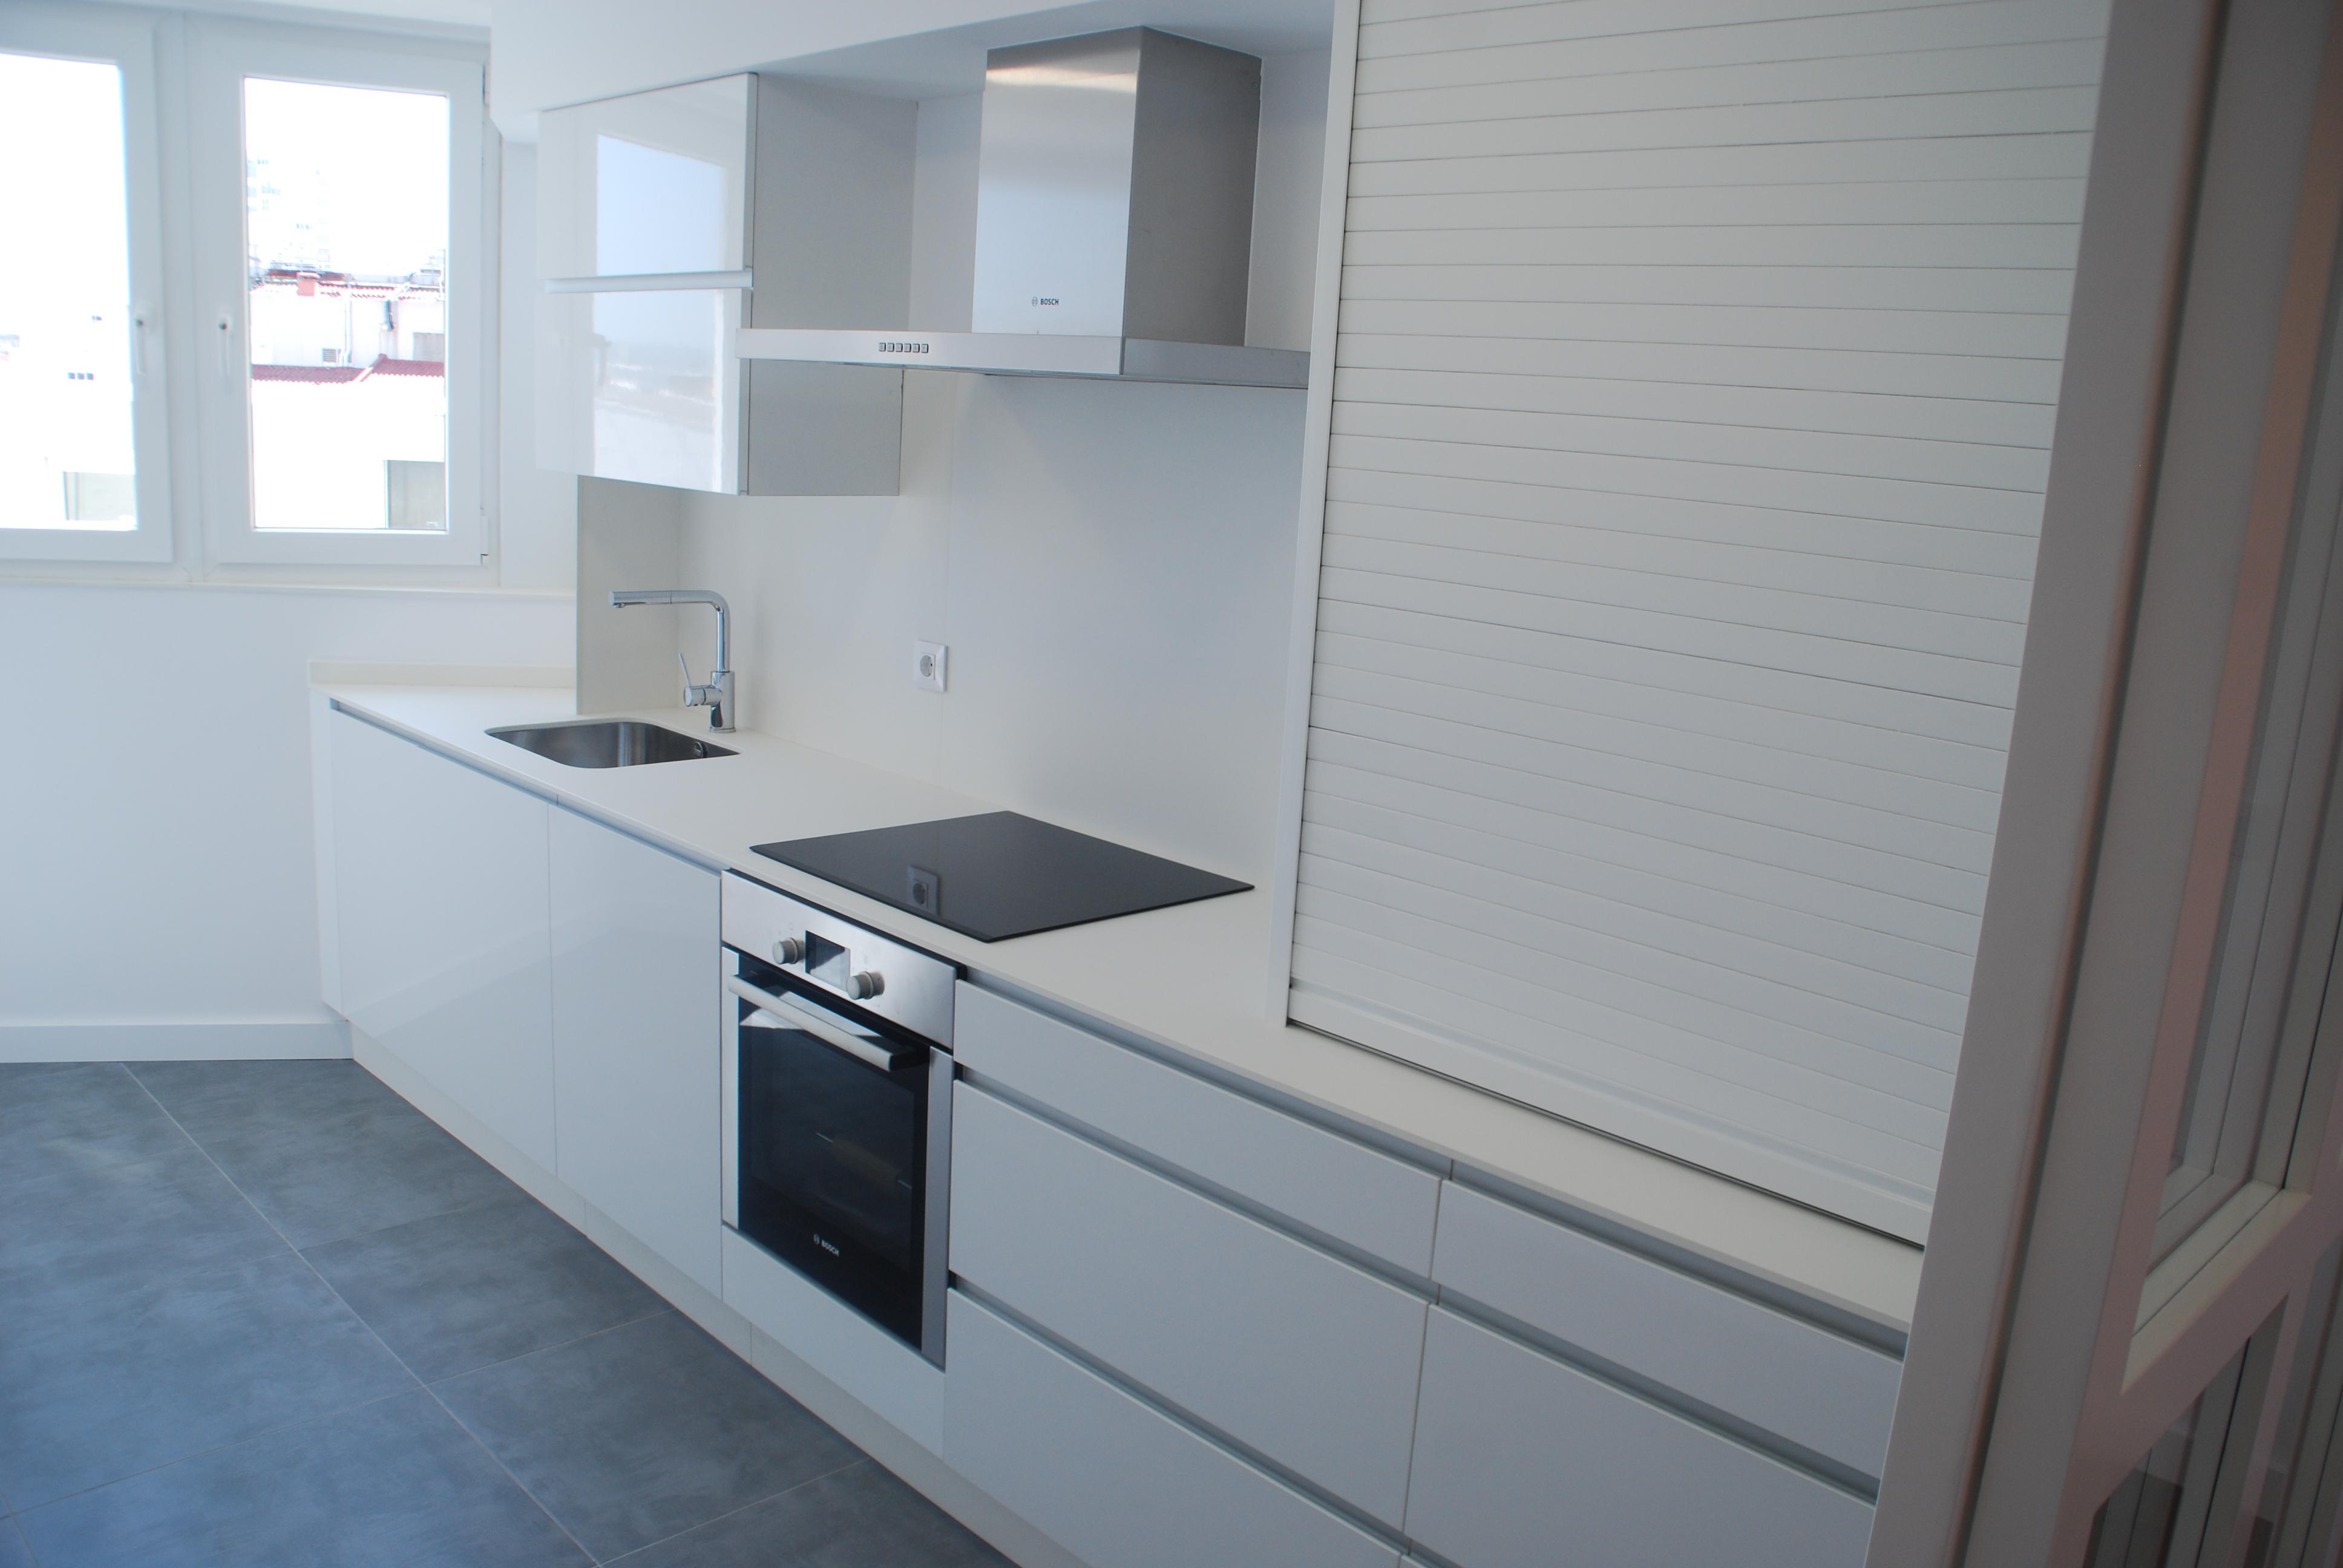 Reforma integral de vivienda en costa rica reforma casa coru a - Coste reforma integral piso 90 metros ...